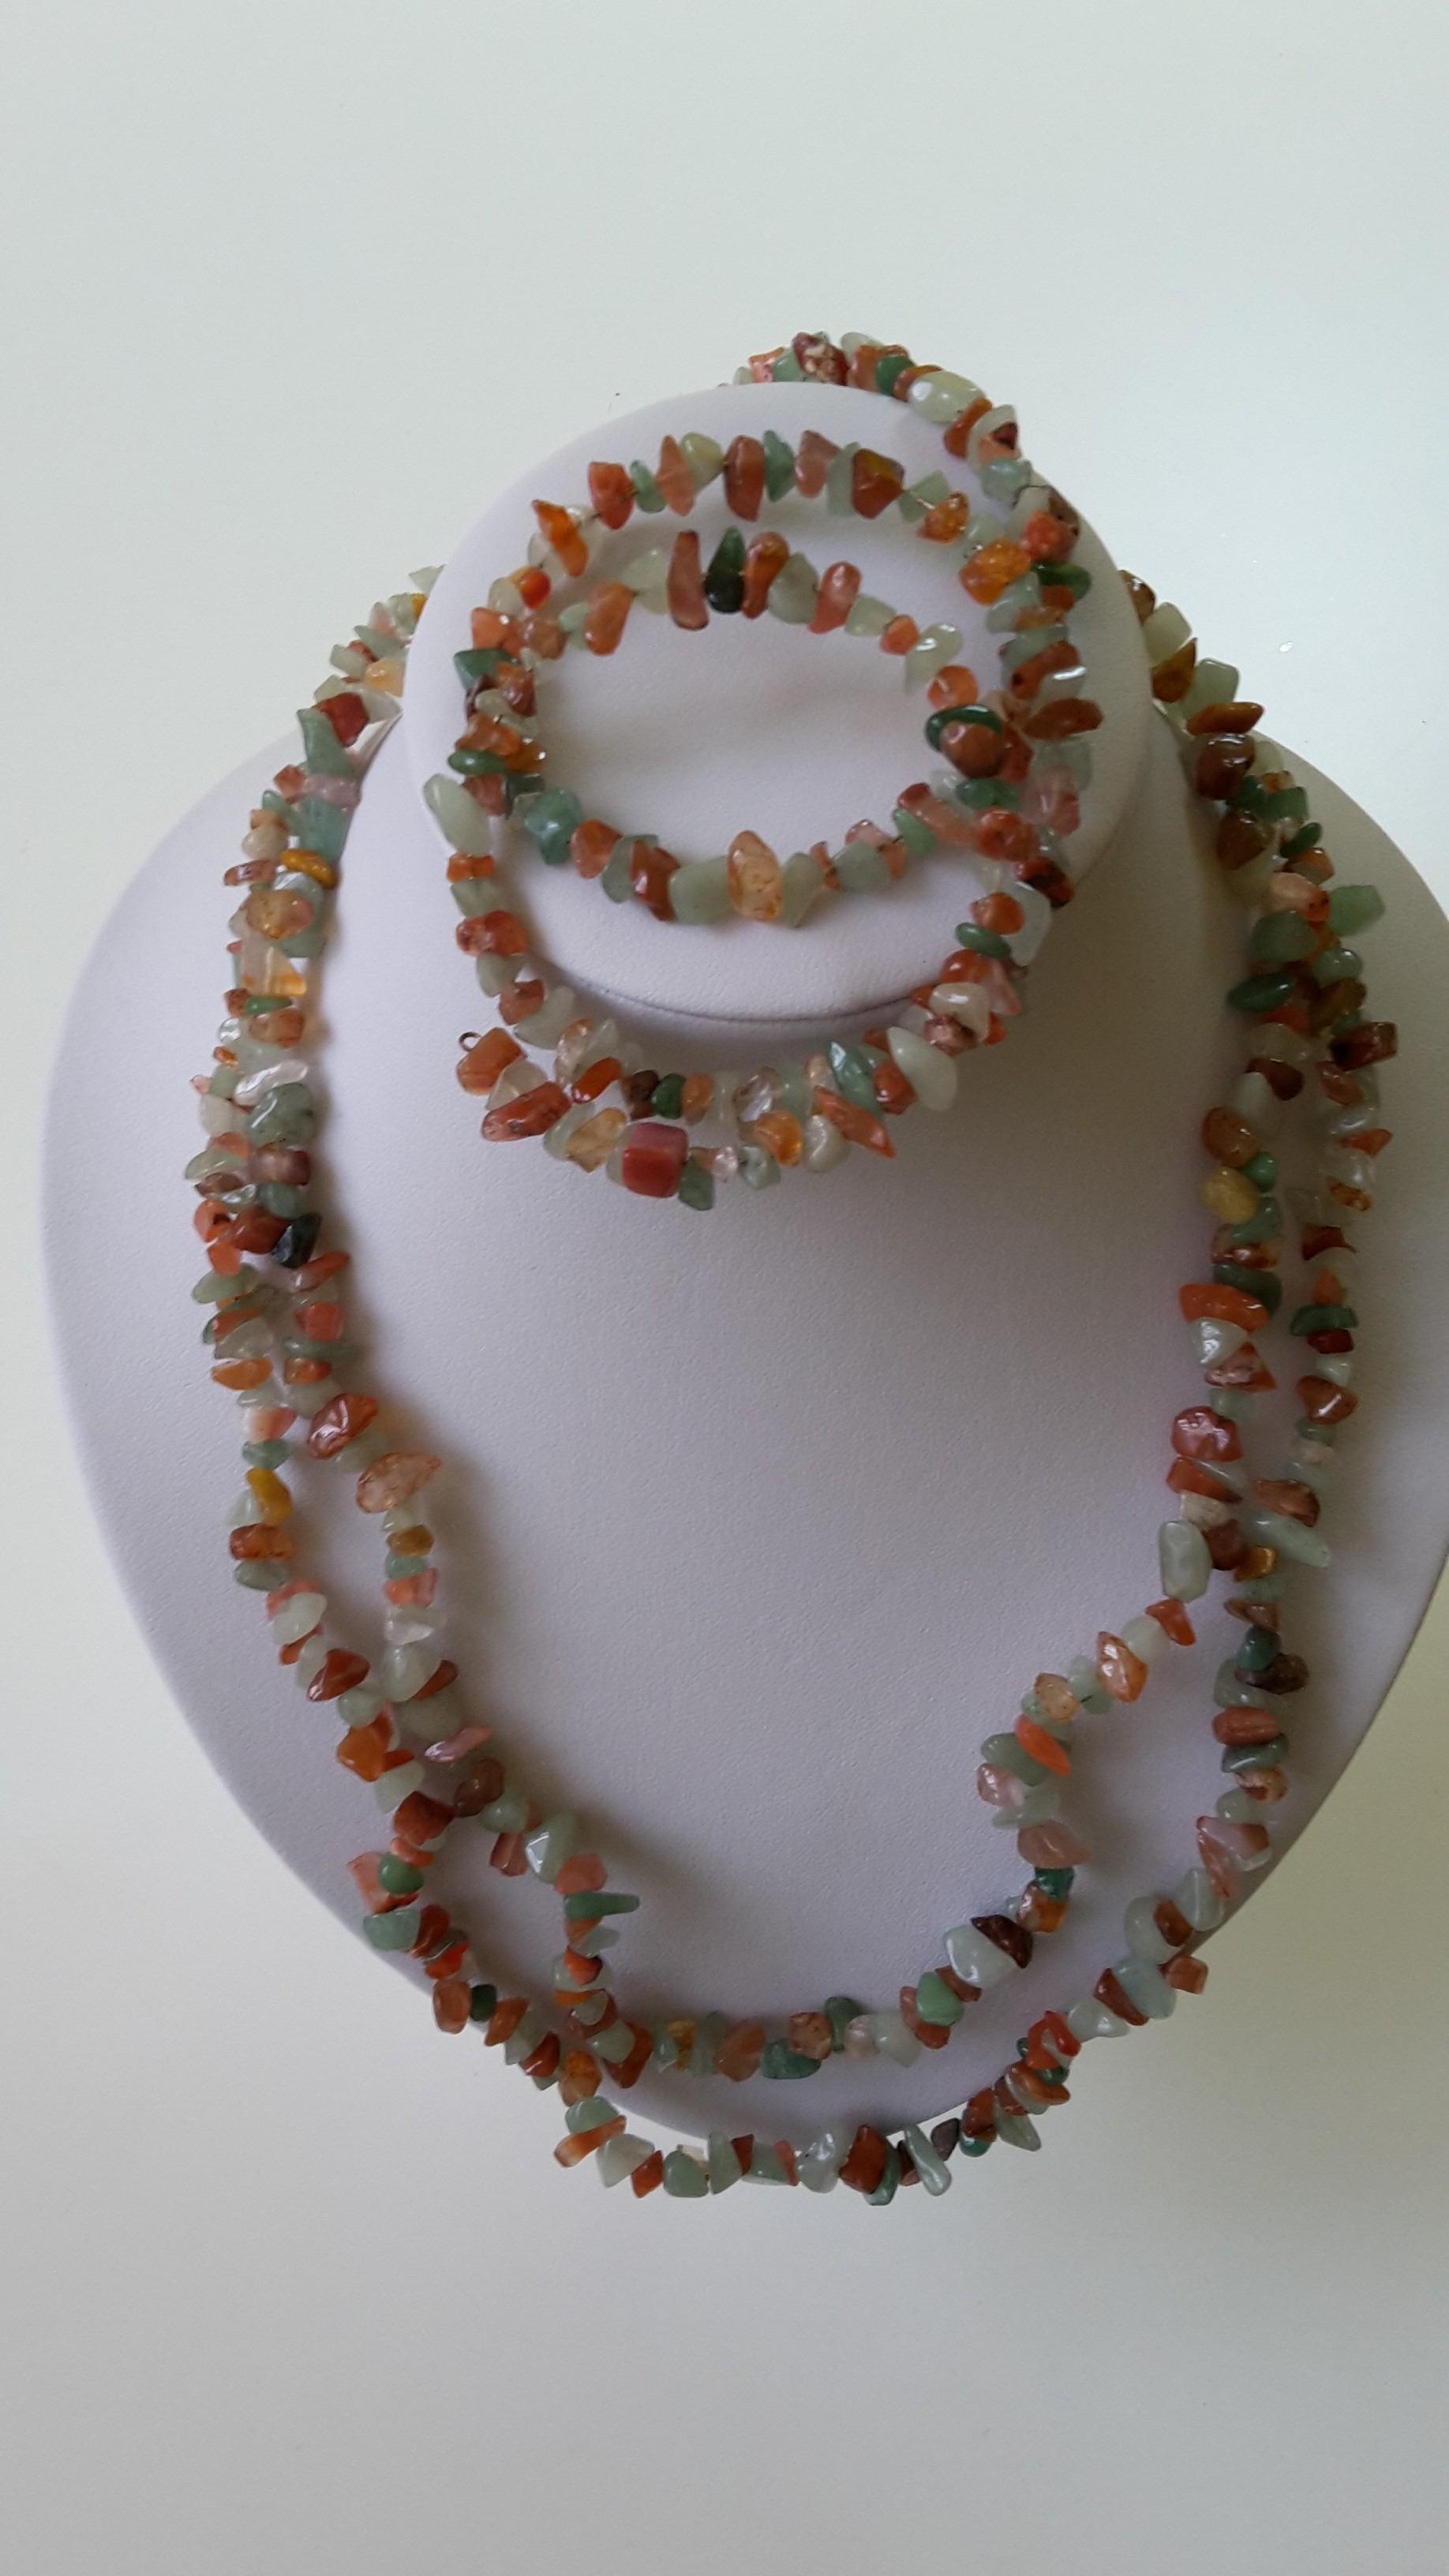 efe1da038 Dvojradový náhrdelník s náramkom - Handmade Zuzana Valachová ...